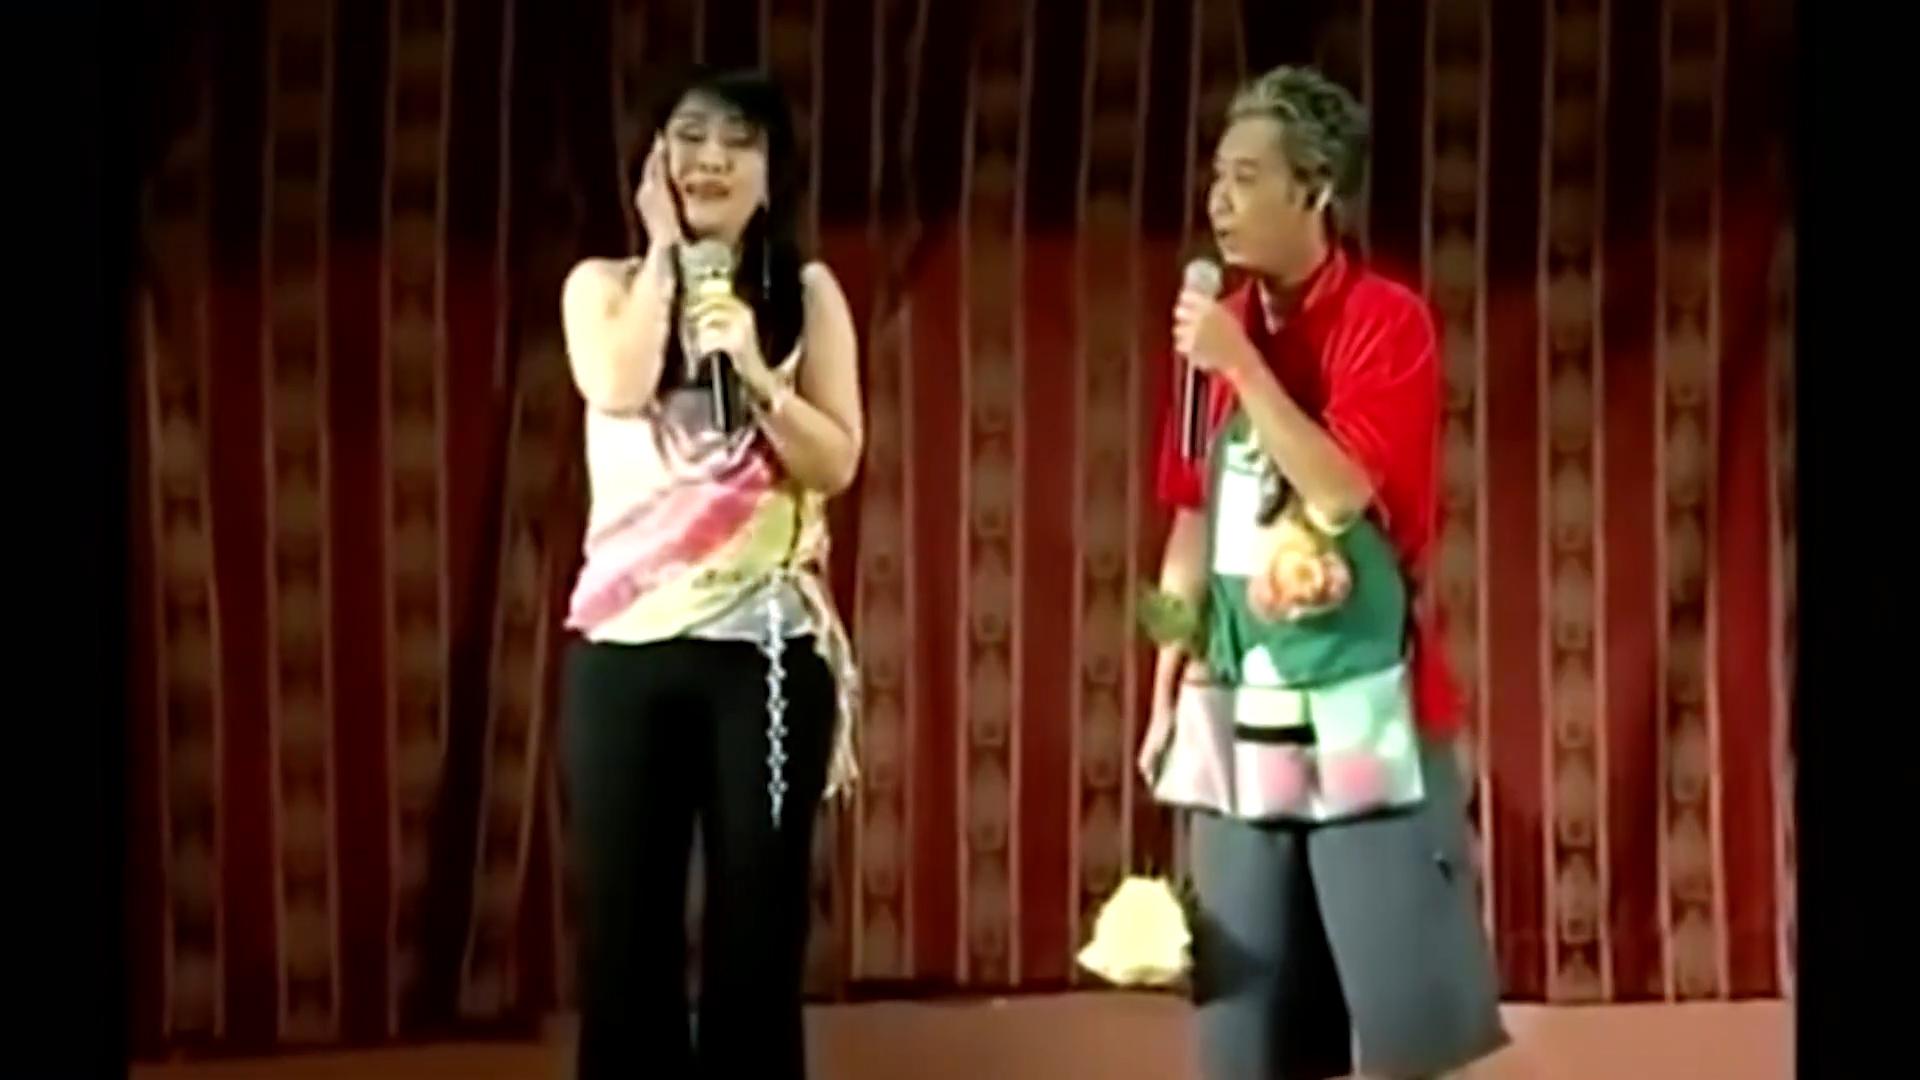 khong go cua tham nha thuy nga xot xa tham nghe si le tin tai noi giu lua cai luong3